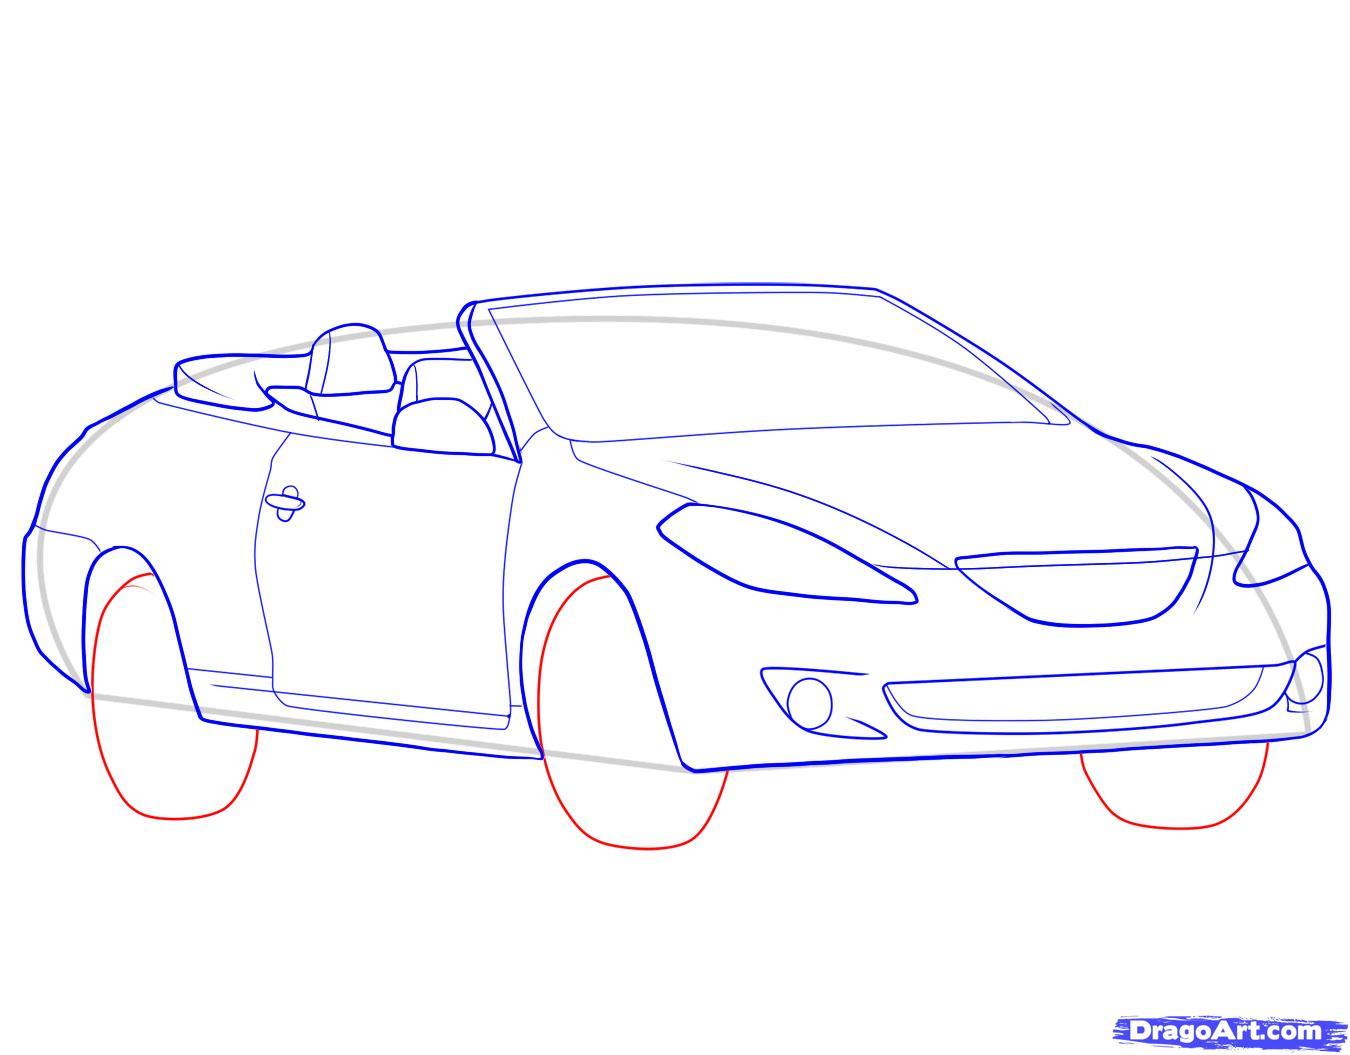 Рисунок машины в карандаше поэтапно